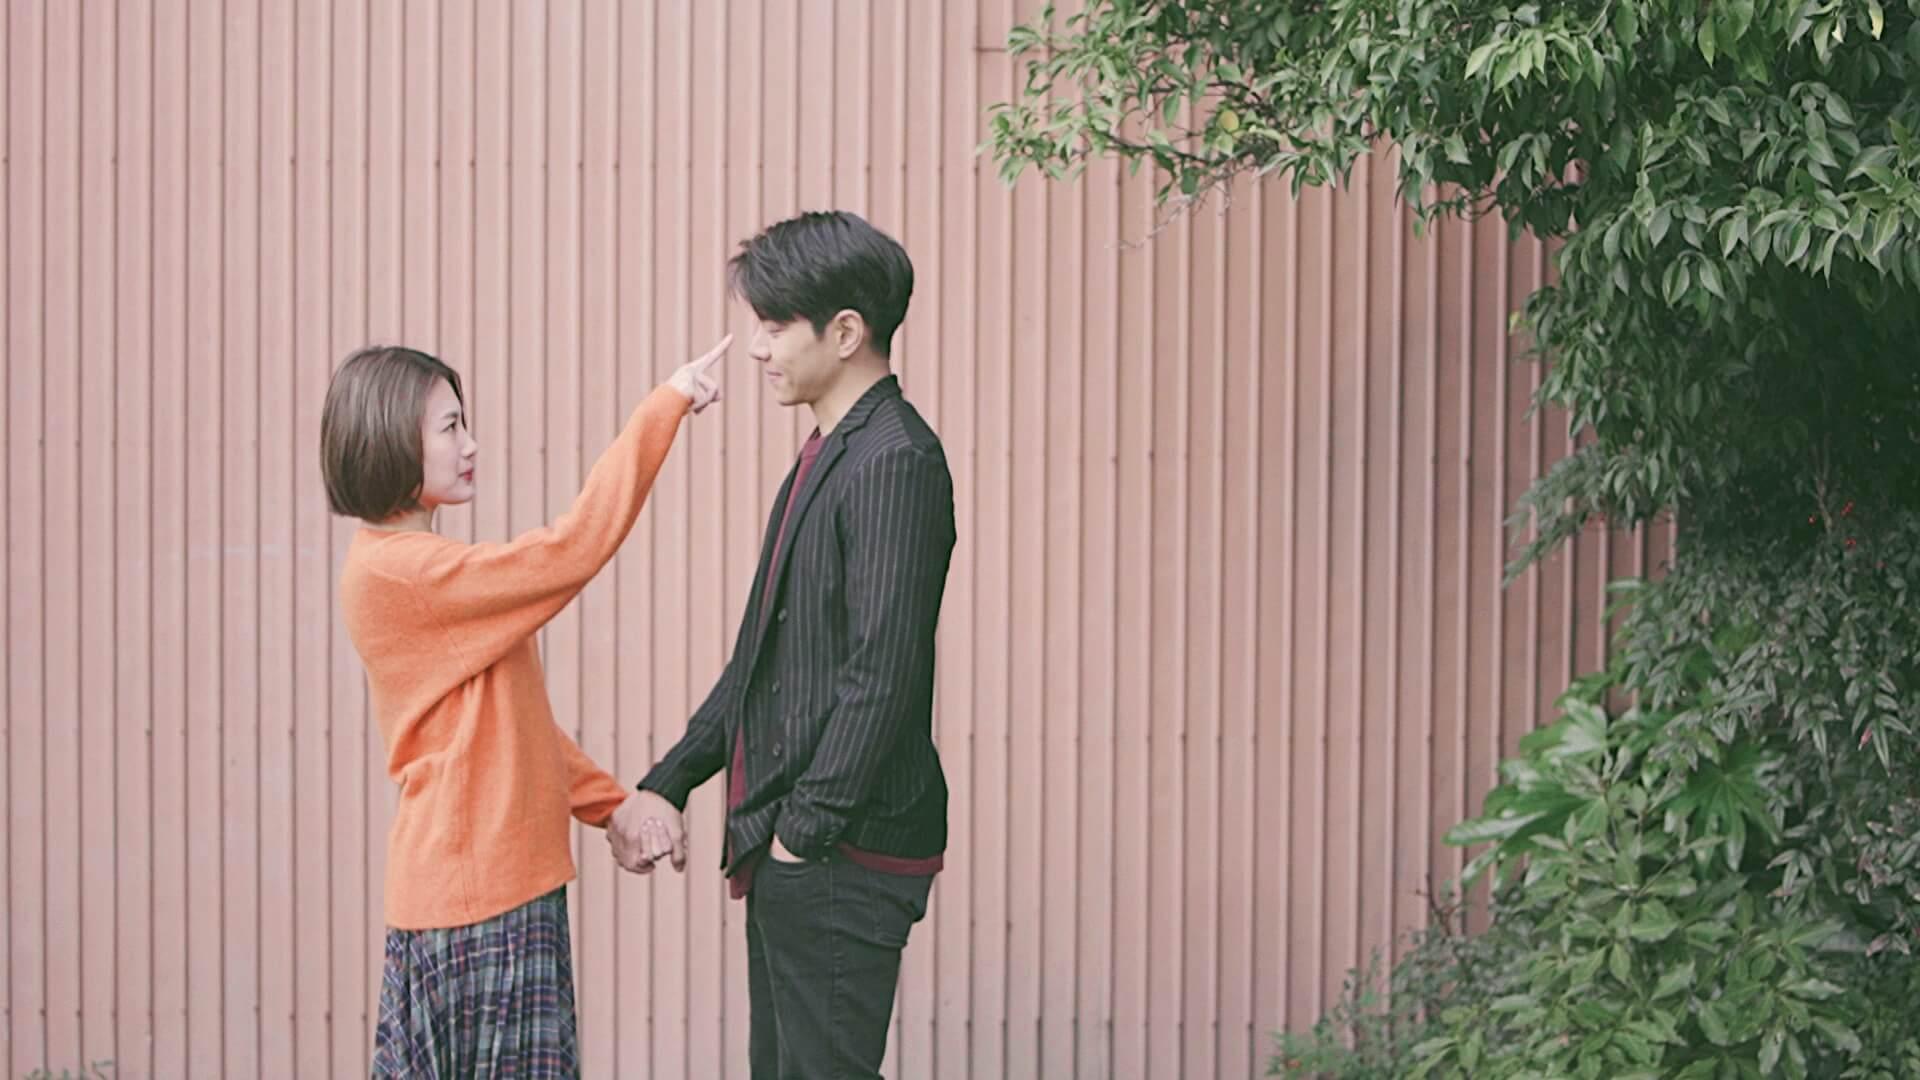 蔣家旻與羅天宇今次於微電影《戀戀季節》升呢演戀人,兩人明顯有點尷尬。